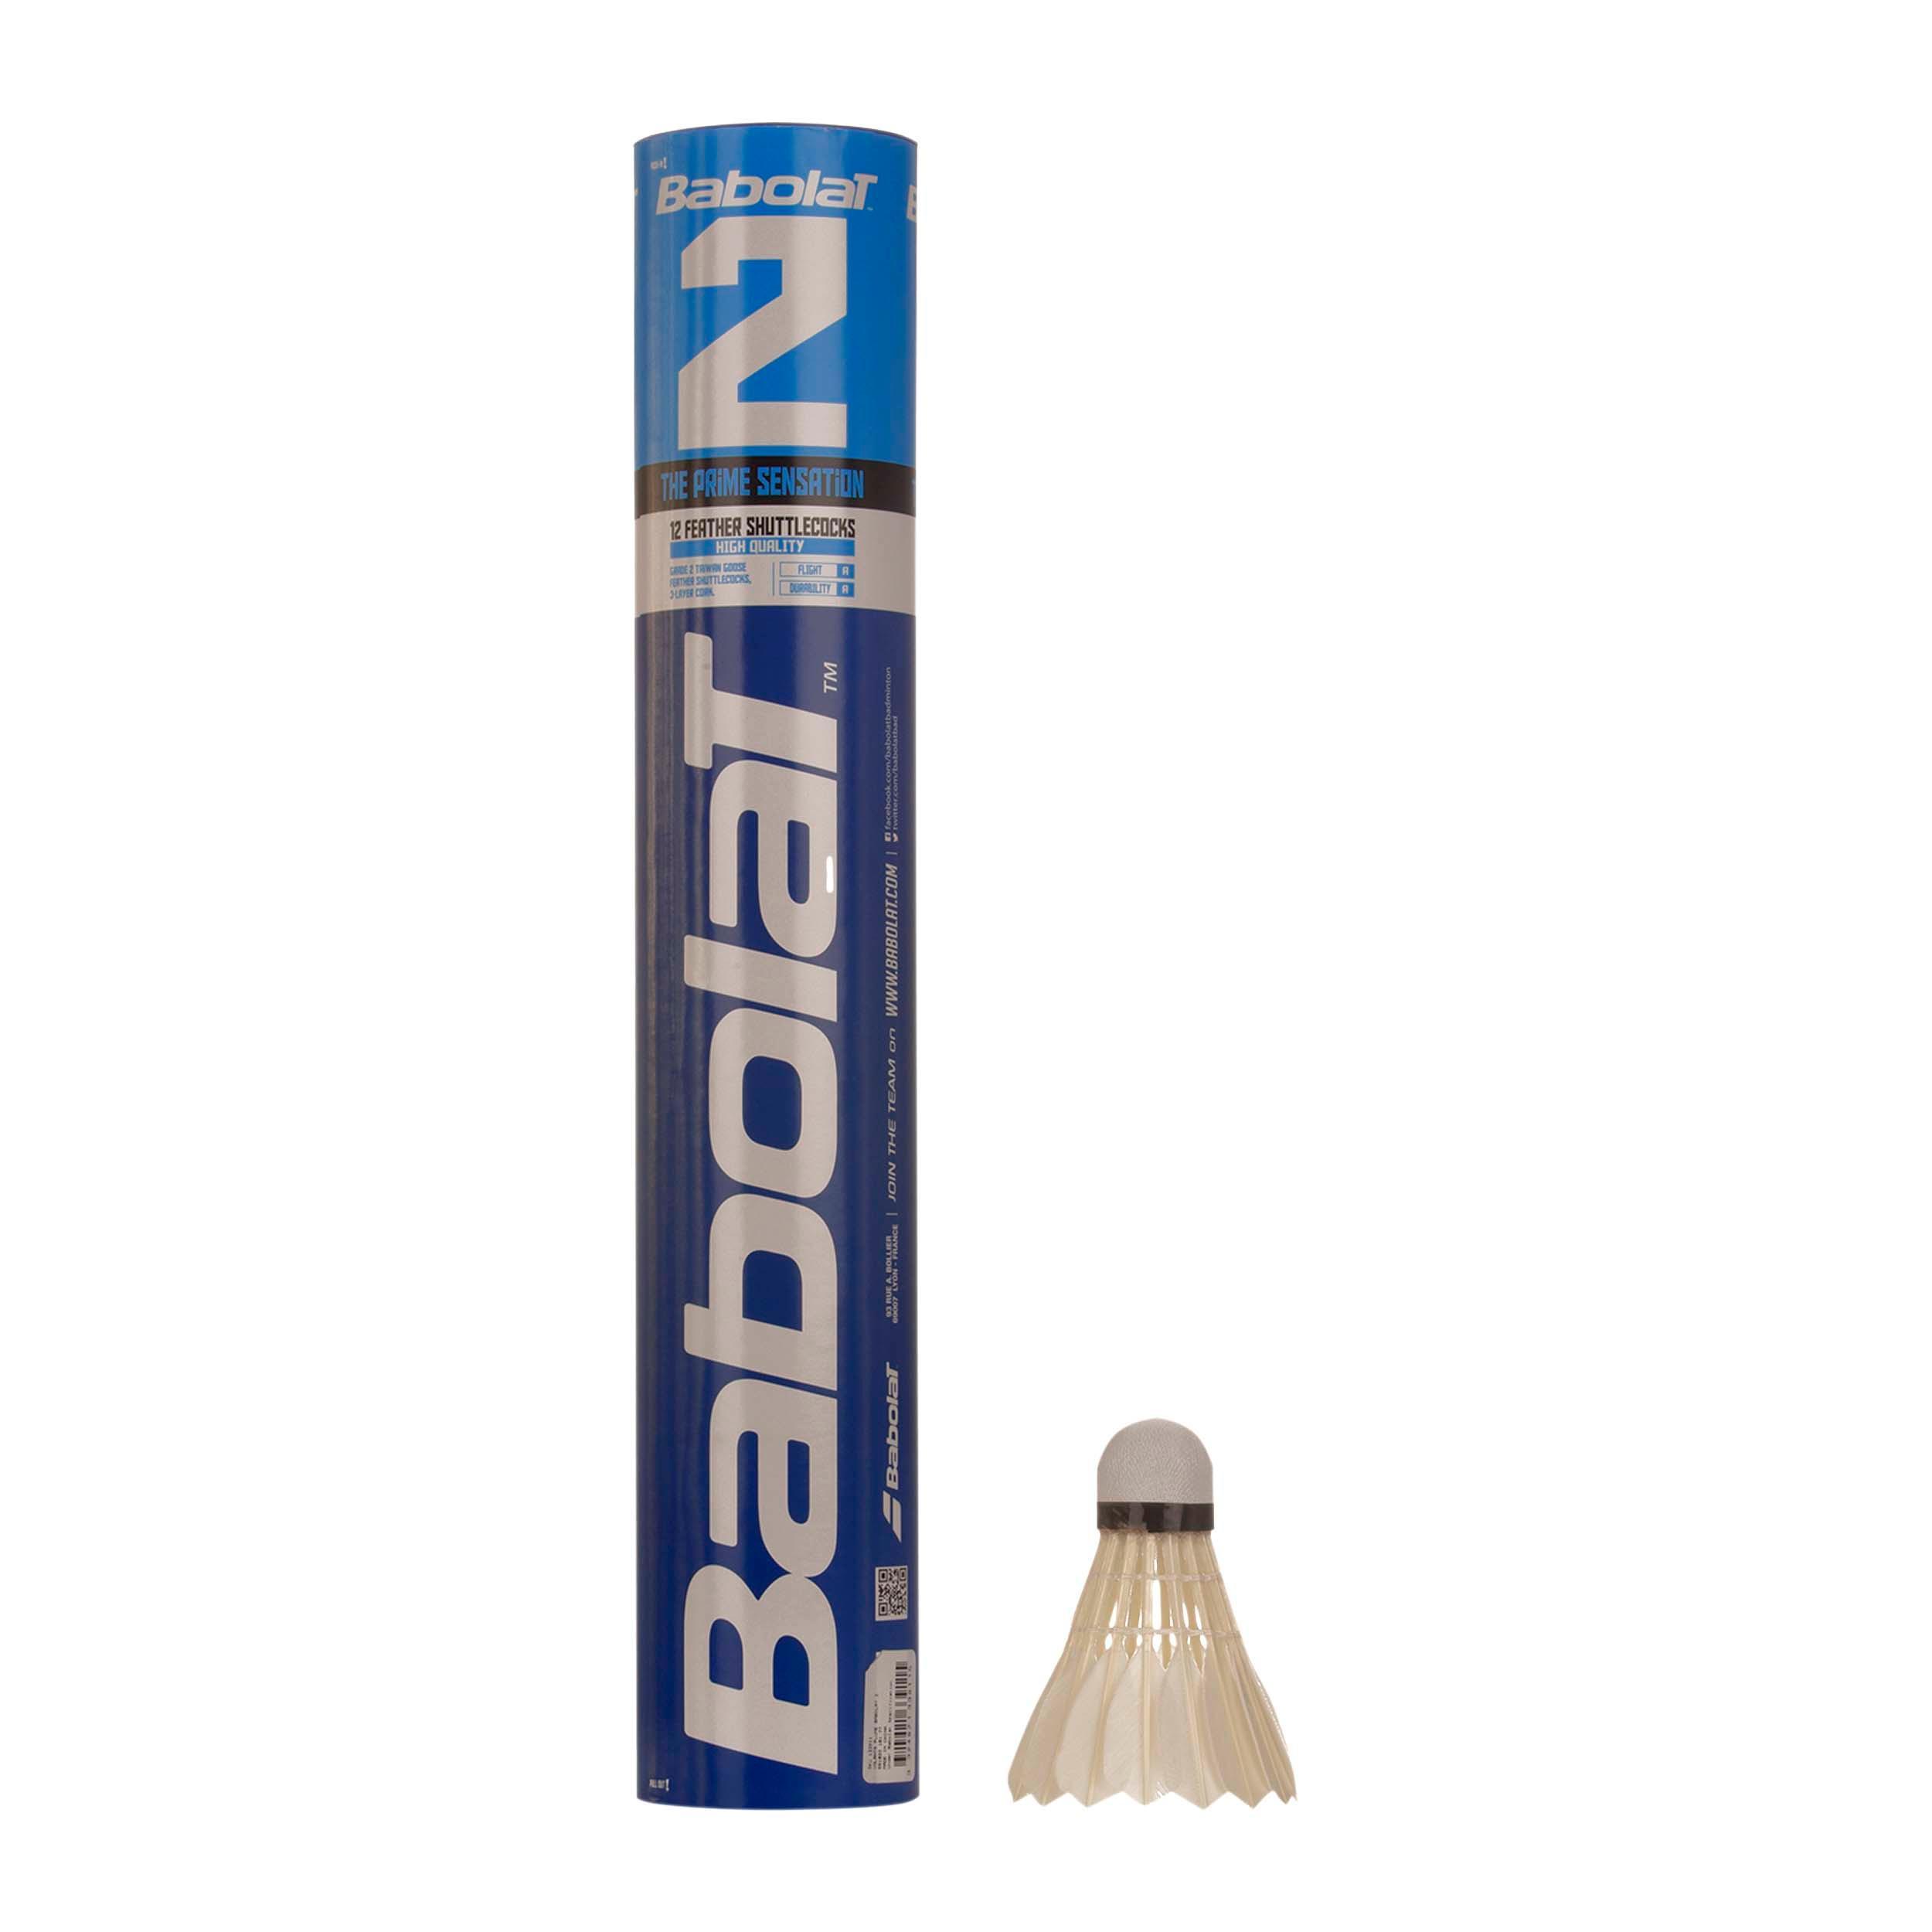 Babolat Badminton shuttle nr. 2, 12 stuks